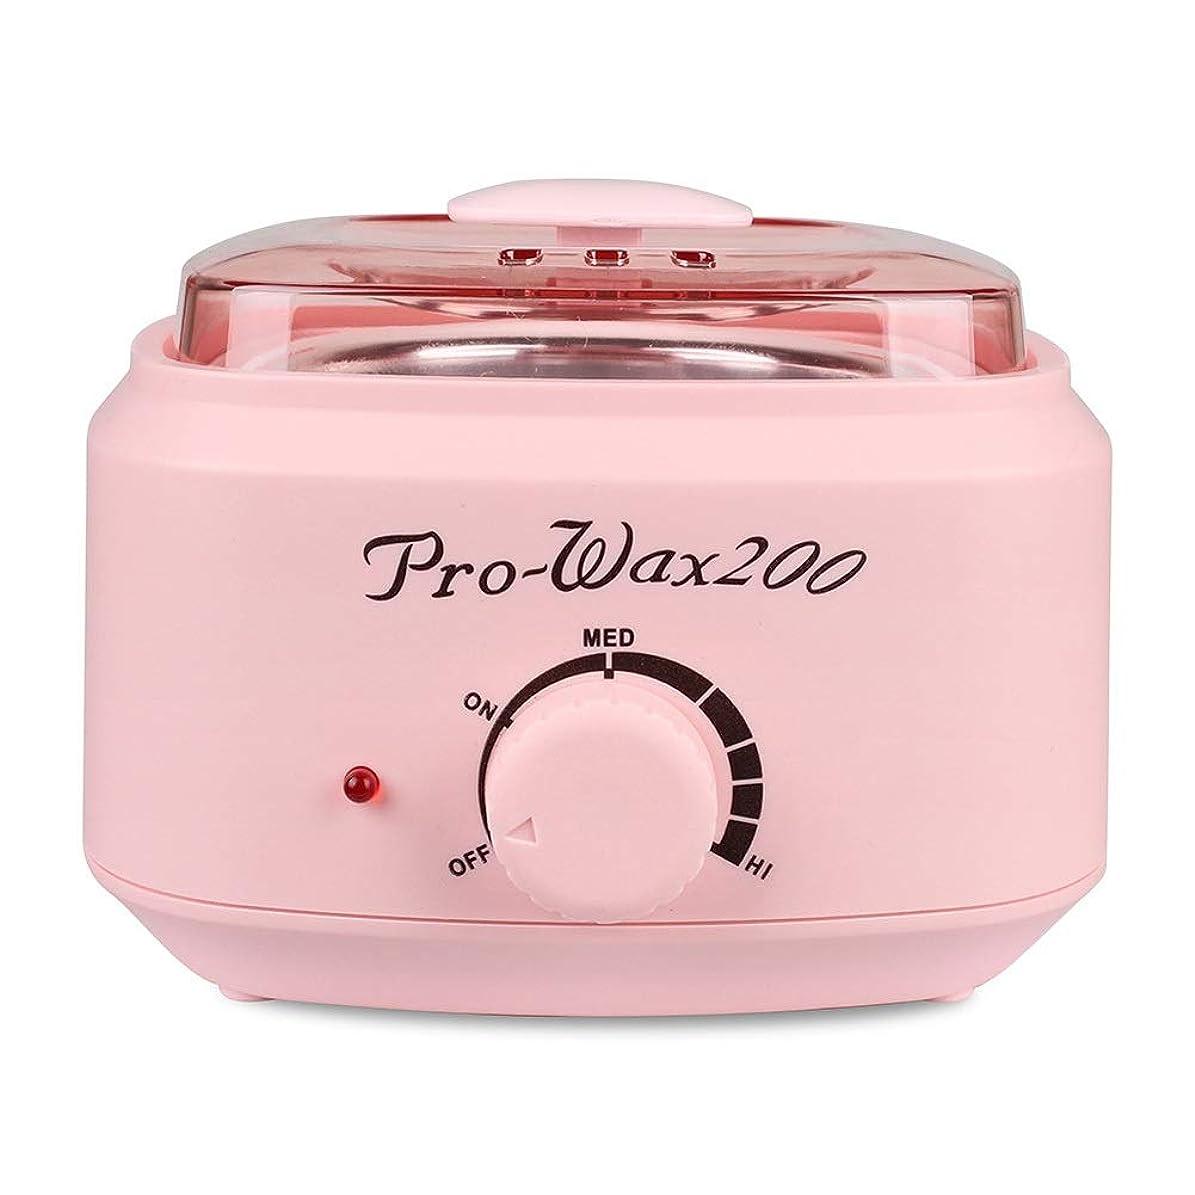 左競争検索プロの電気ワックスウォーマーとヒーター、速くて痛みのない脱毛、楽器多機能溶融ワックスマシンホームワックス女性/男性用500CC (Color : Pink)